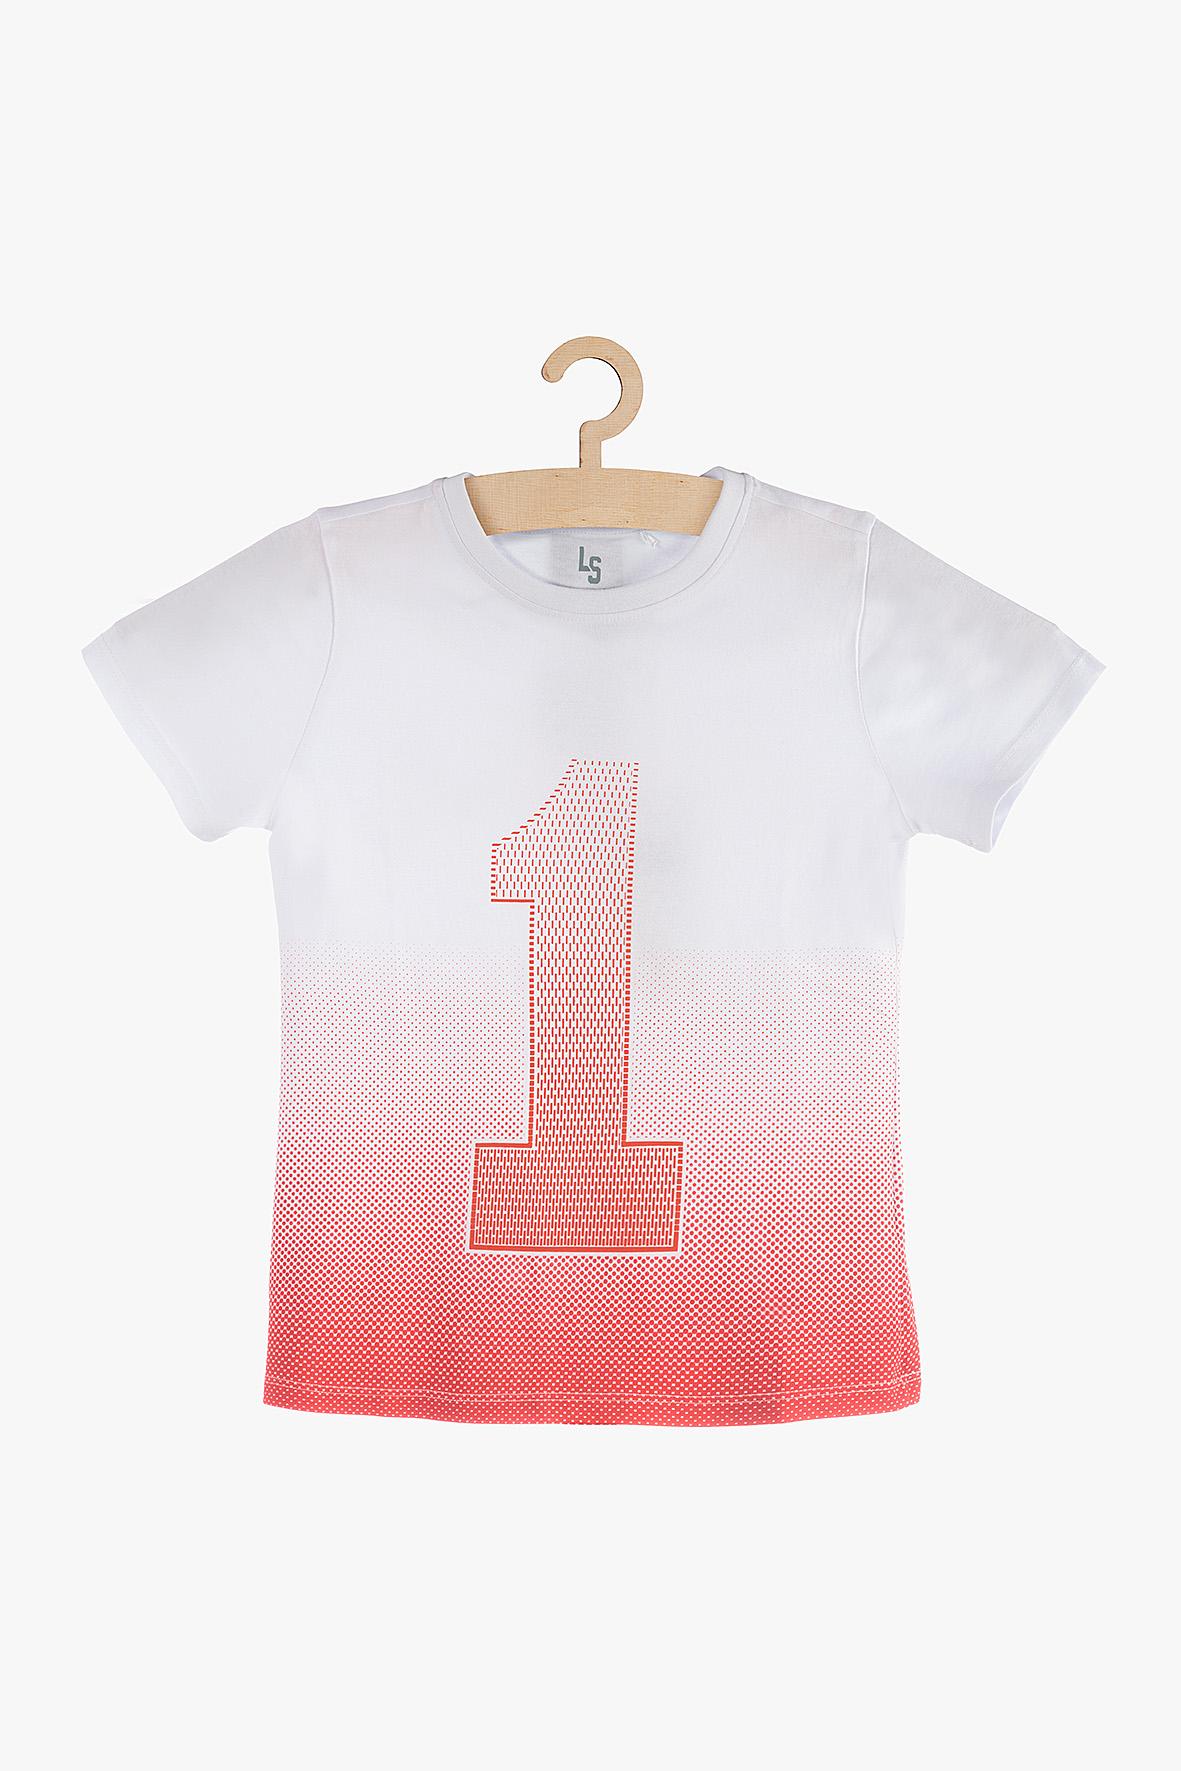 T-shirt chłopięcy 2I3819